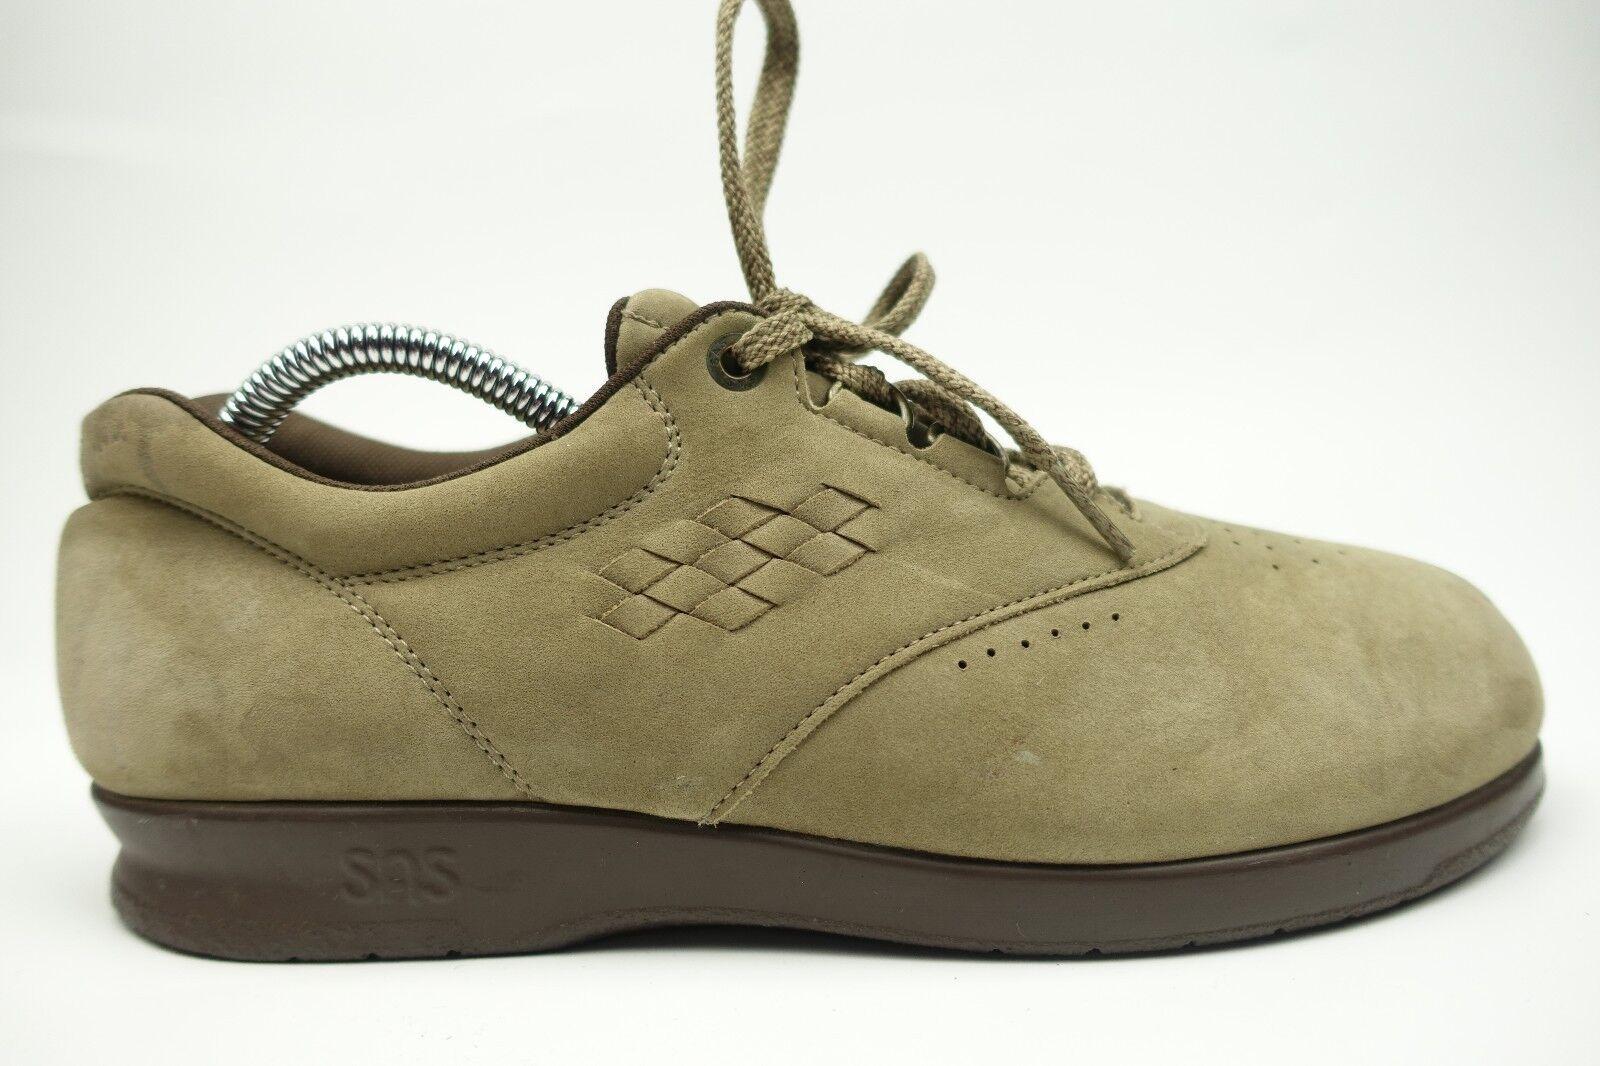 SAS Tripad Comfort Loafers Suede Look 9.5 Medium Tie Top Gray Green oxfords